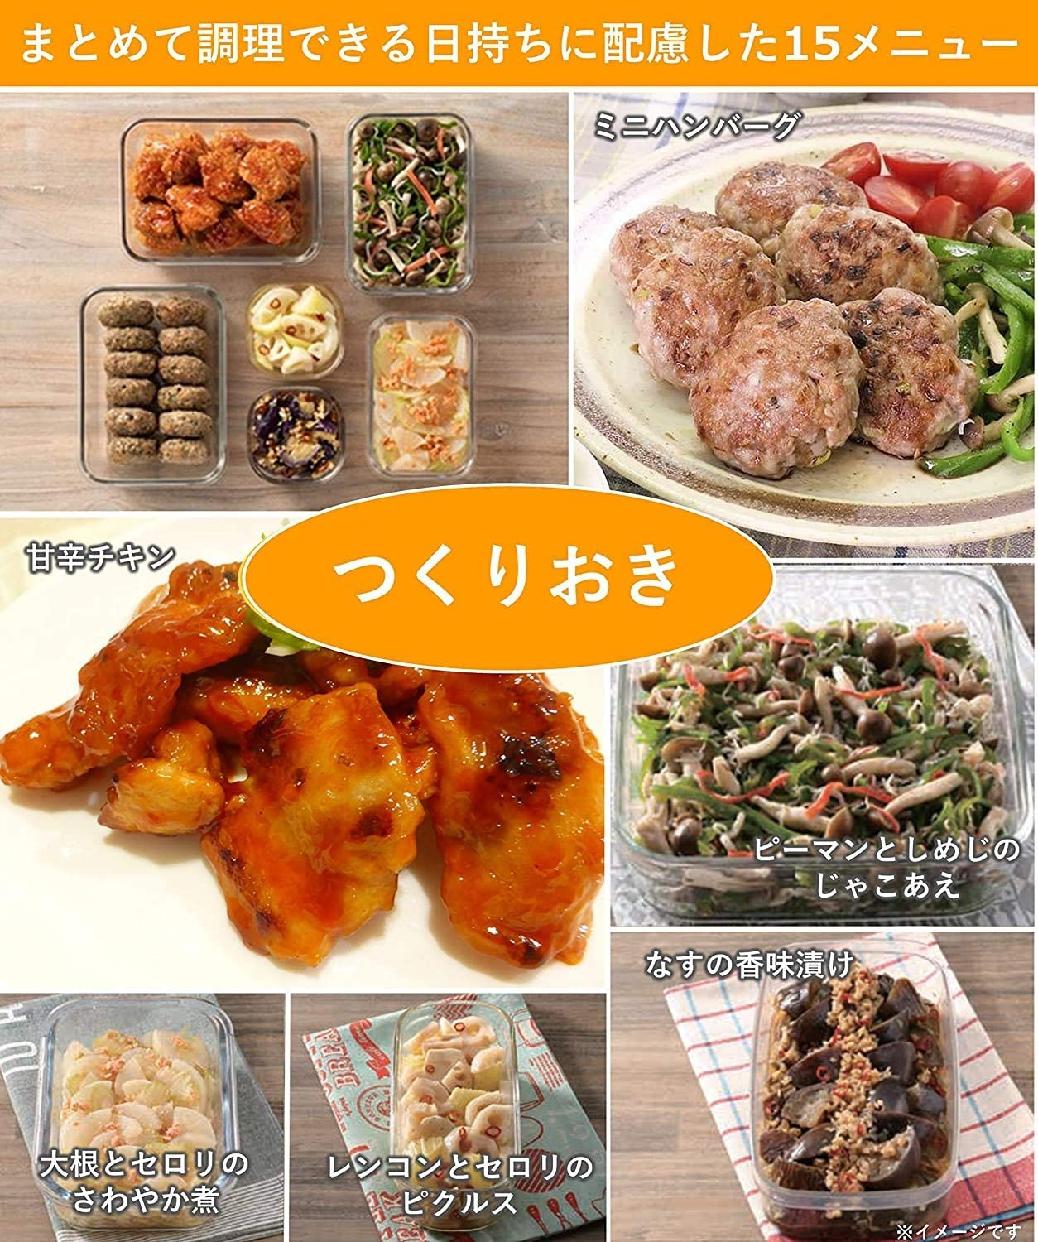 Panasonic(パナソニック)オーブンレンジ NE-MS236の商品画像8